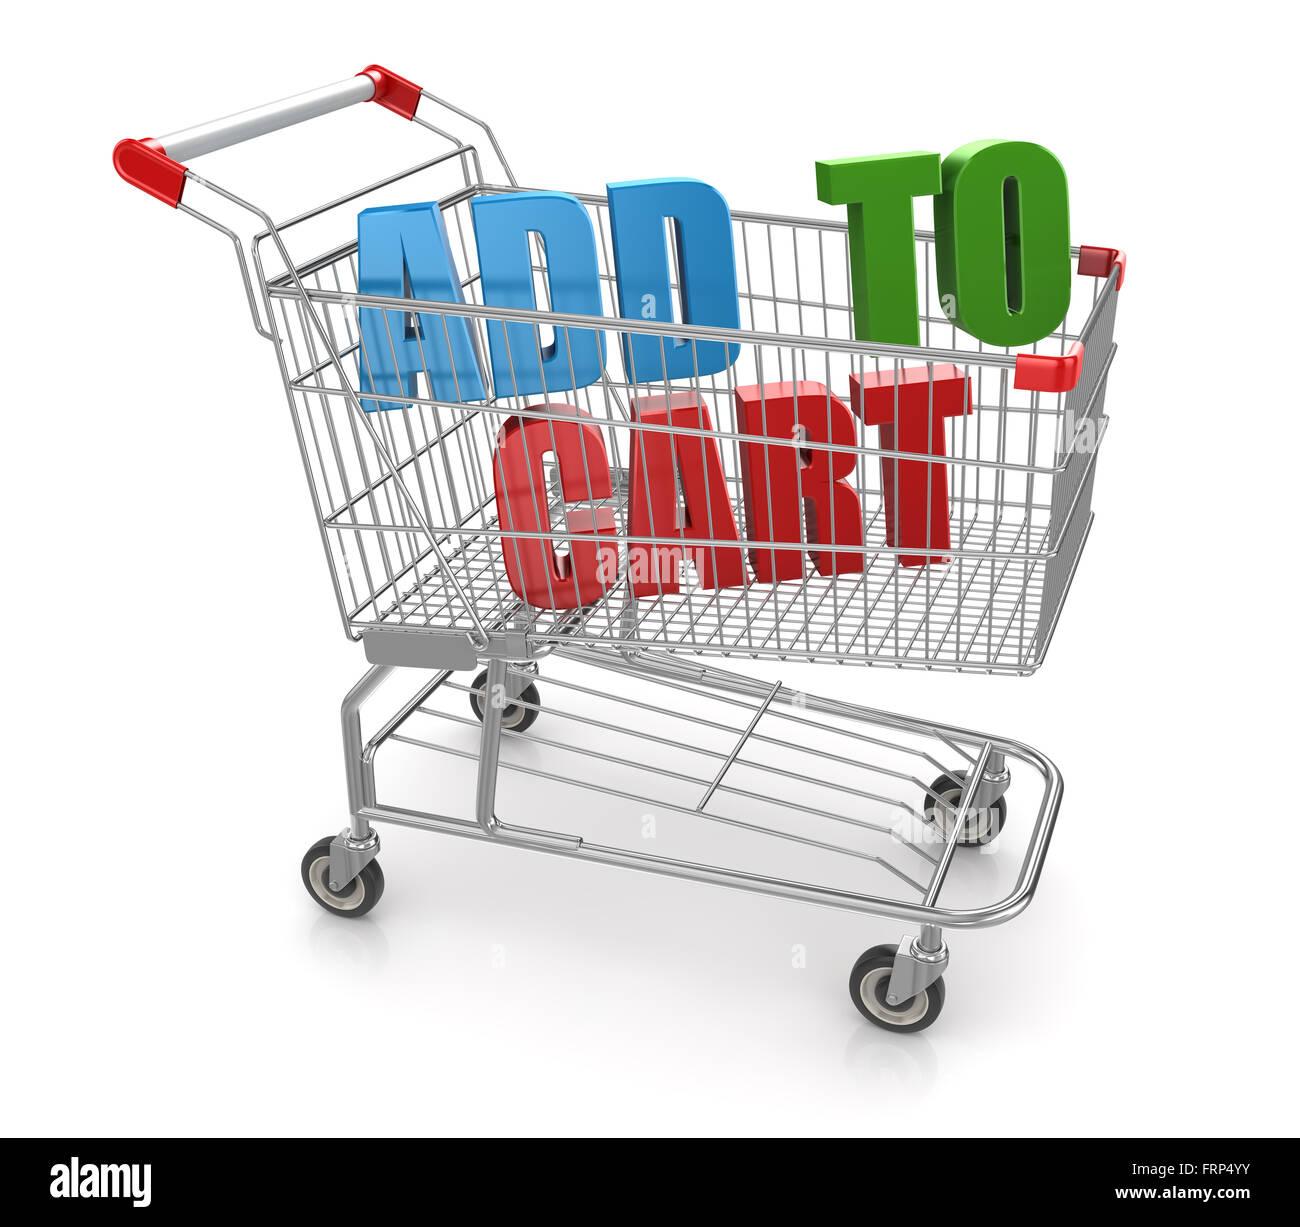 Add to cart, ist dies ein Computer generierten und 3d gerenderten Bild. Stockfoto